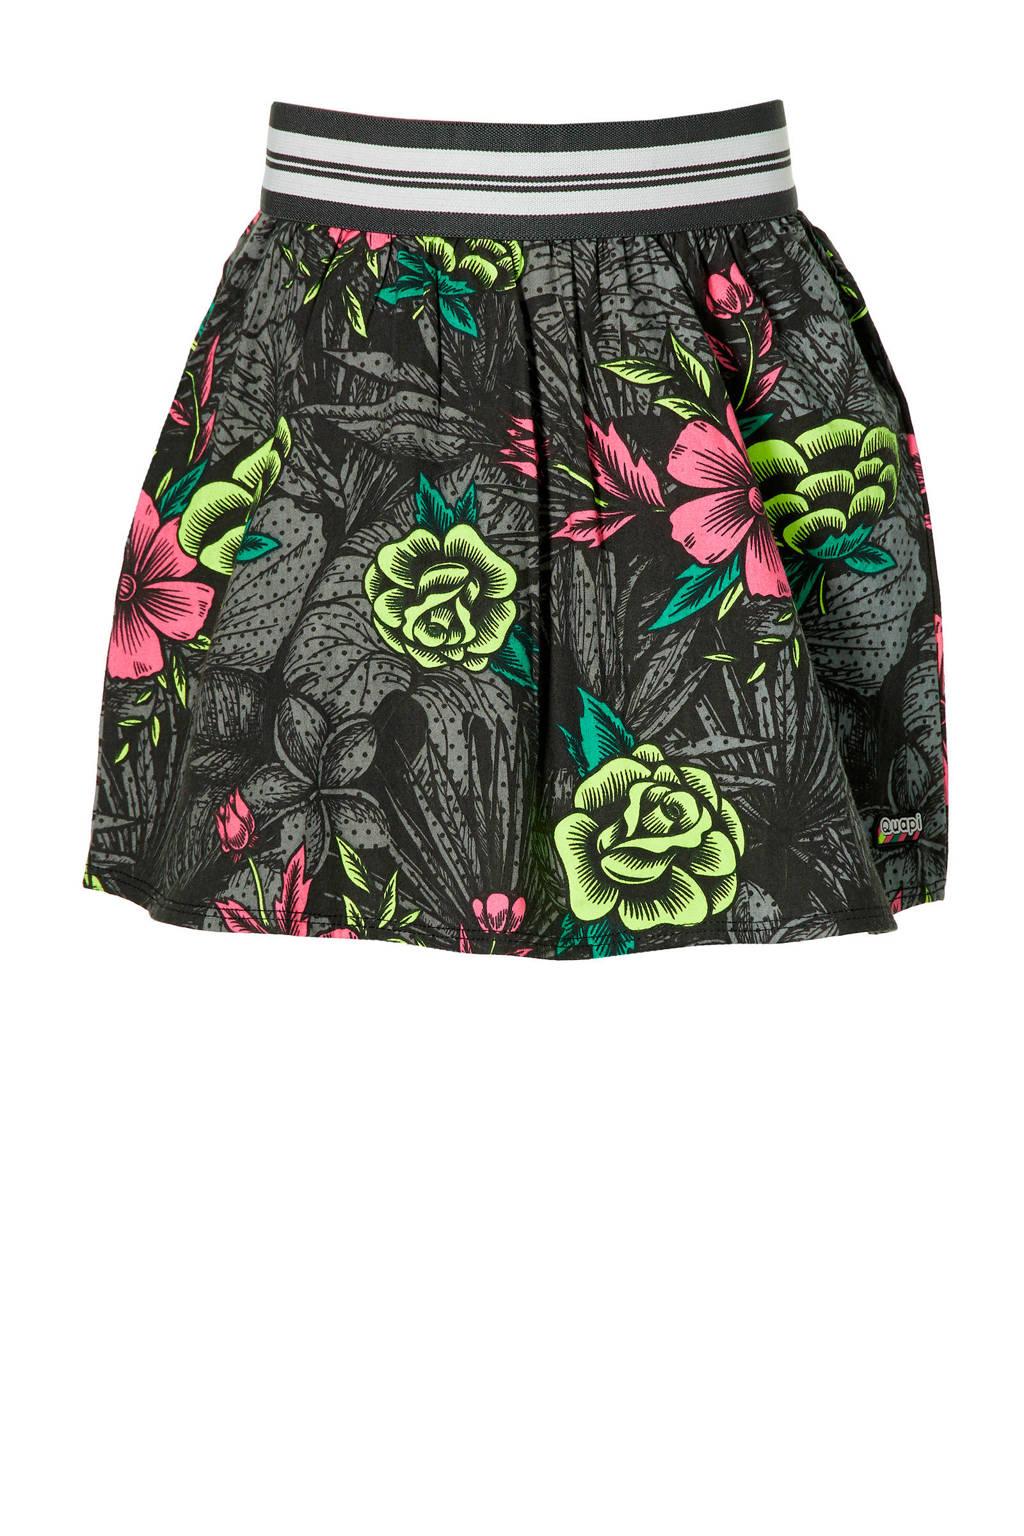 Quapi Girls gebloemde rok Desire zwart/geel/roze, Zwart/geel/roze